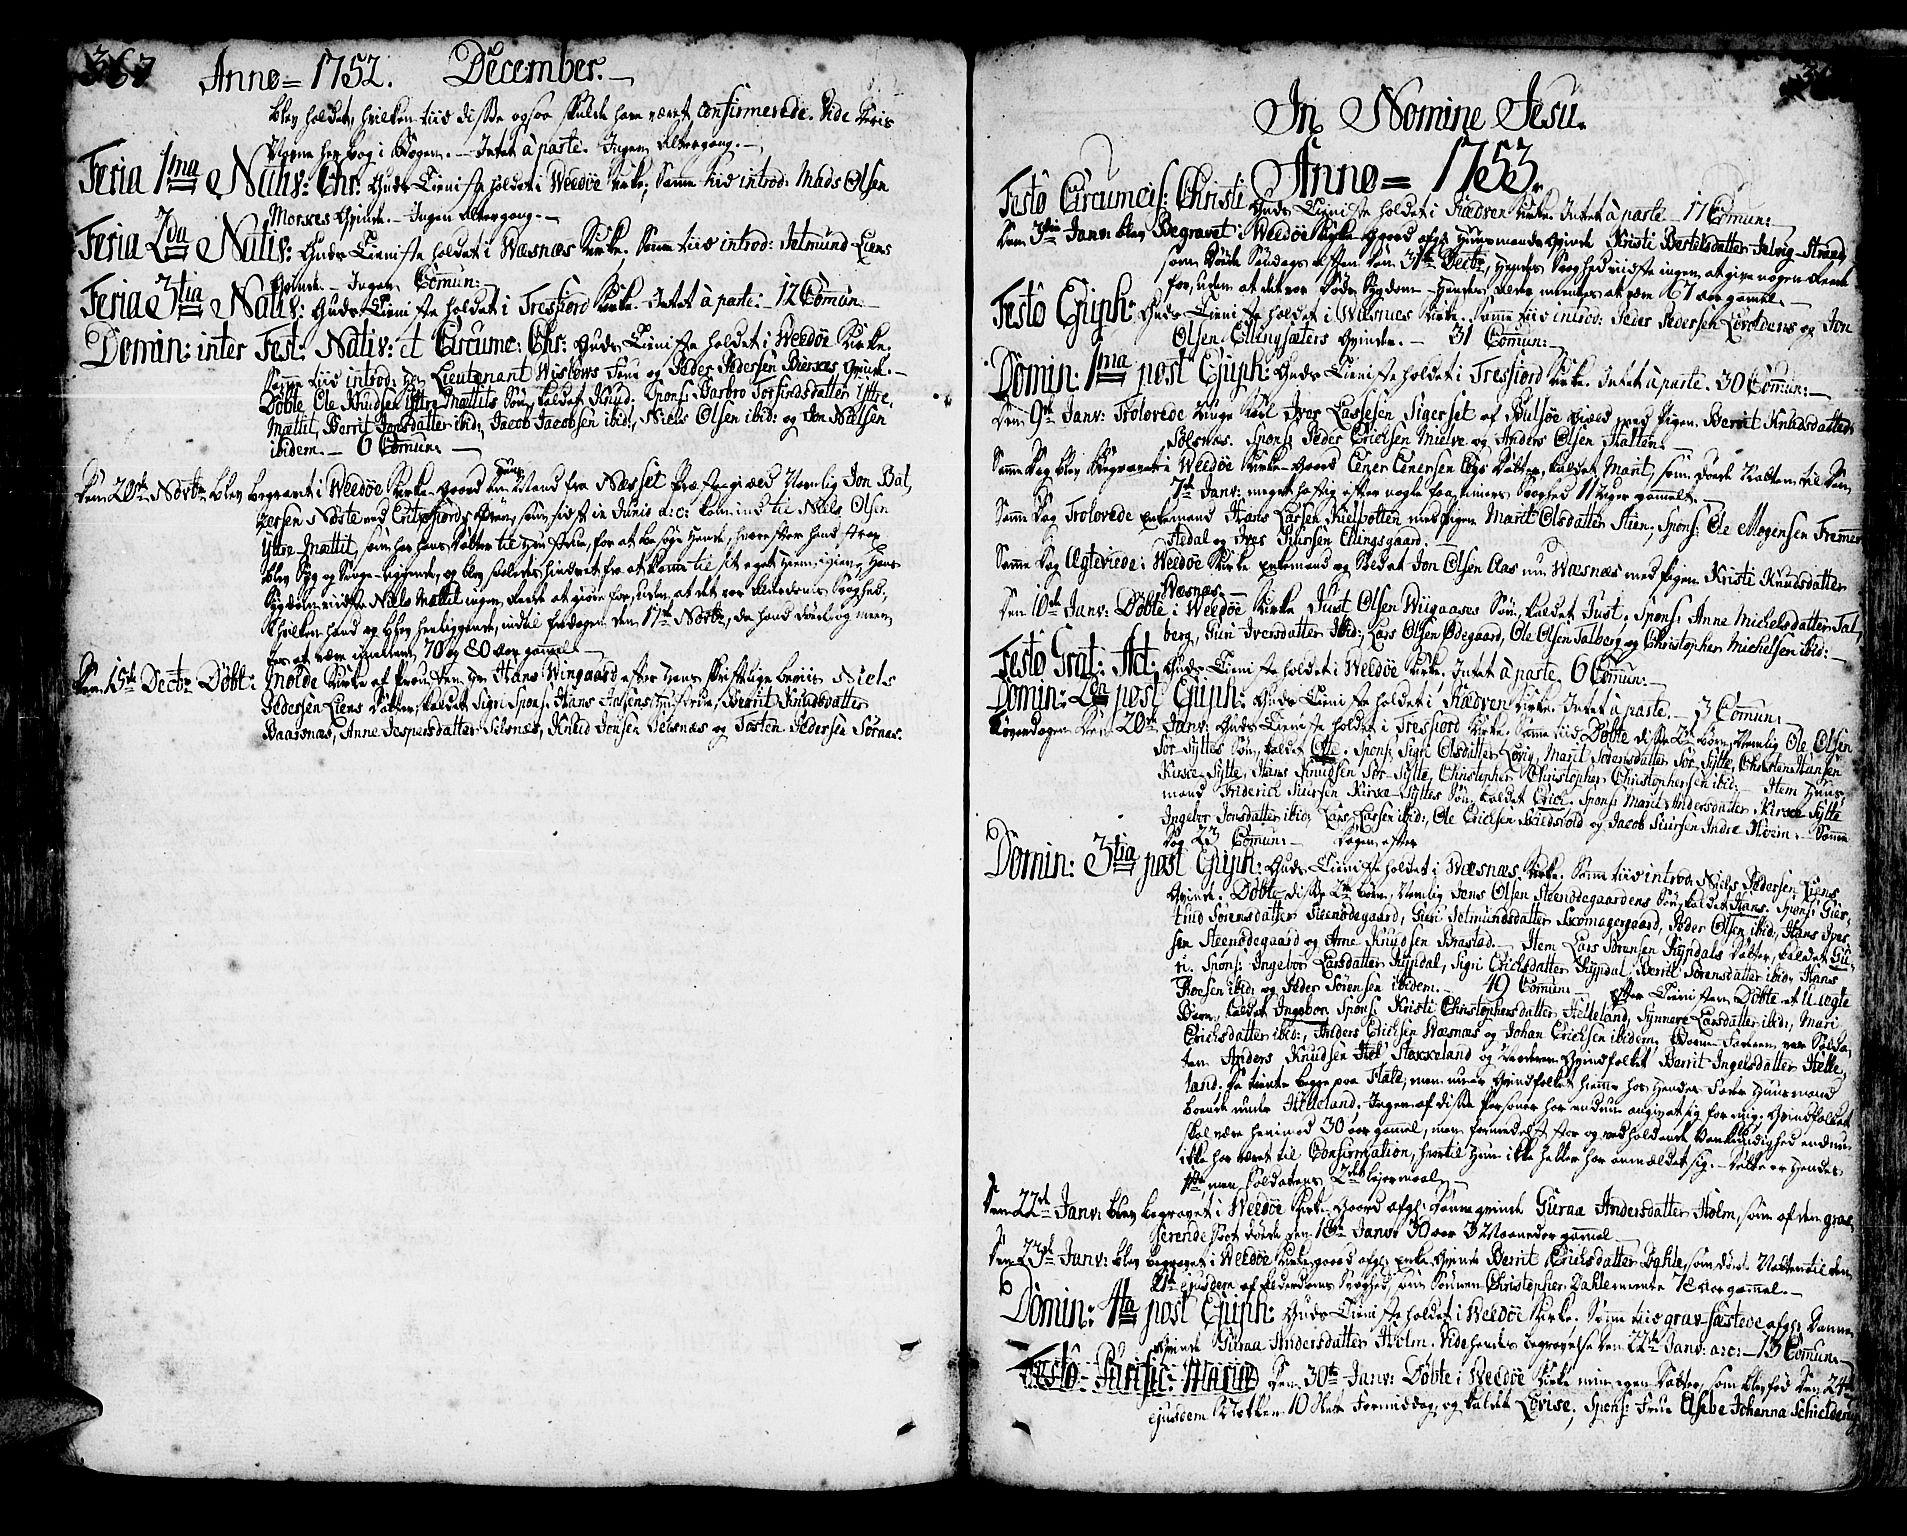 SAT, Ministerialprotokoller, klokkerbøker og fødselsregistre - Møre og Romsdal, 547/L0599: Ministerialbok nr. 547A01, 1721-1764, s. 367-368